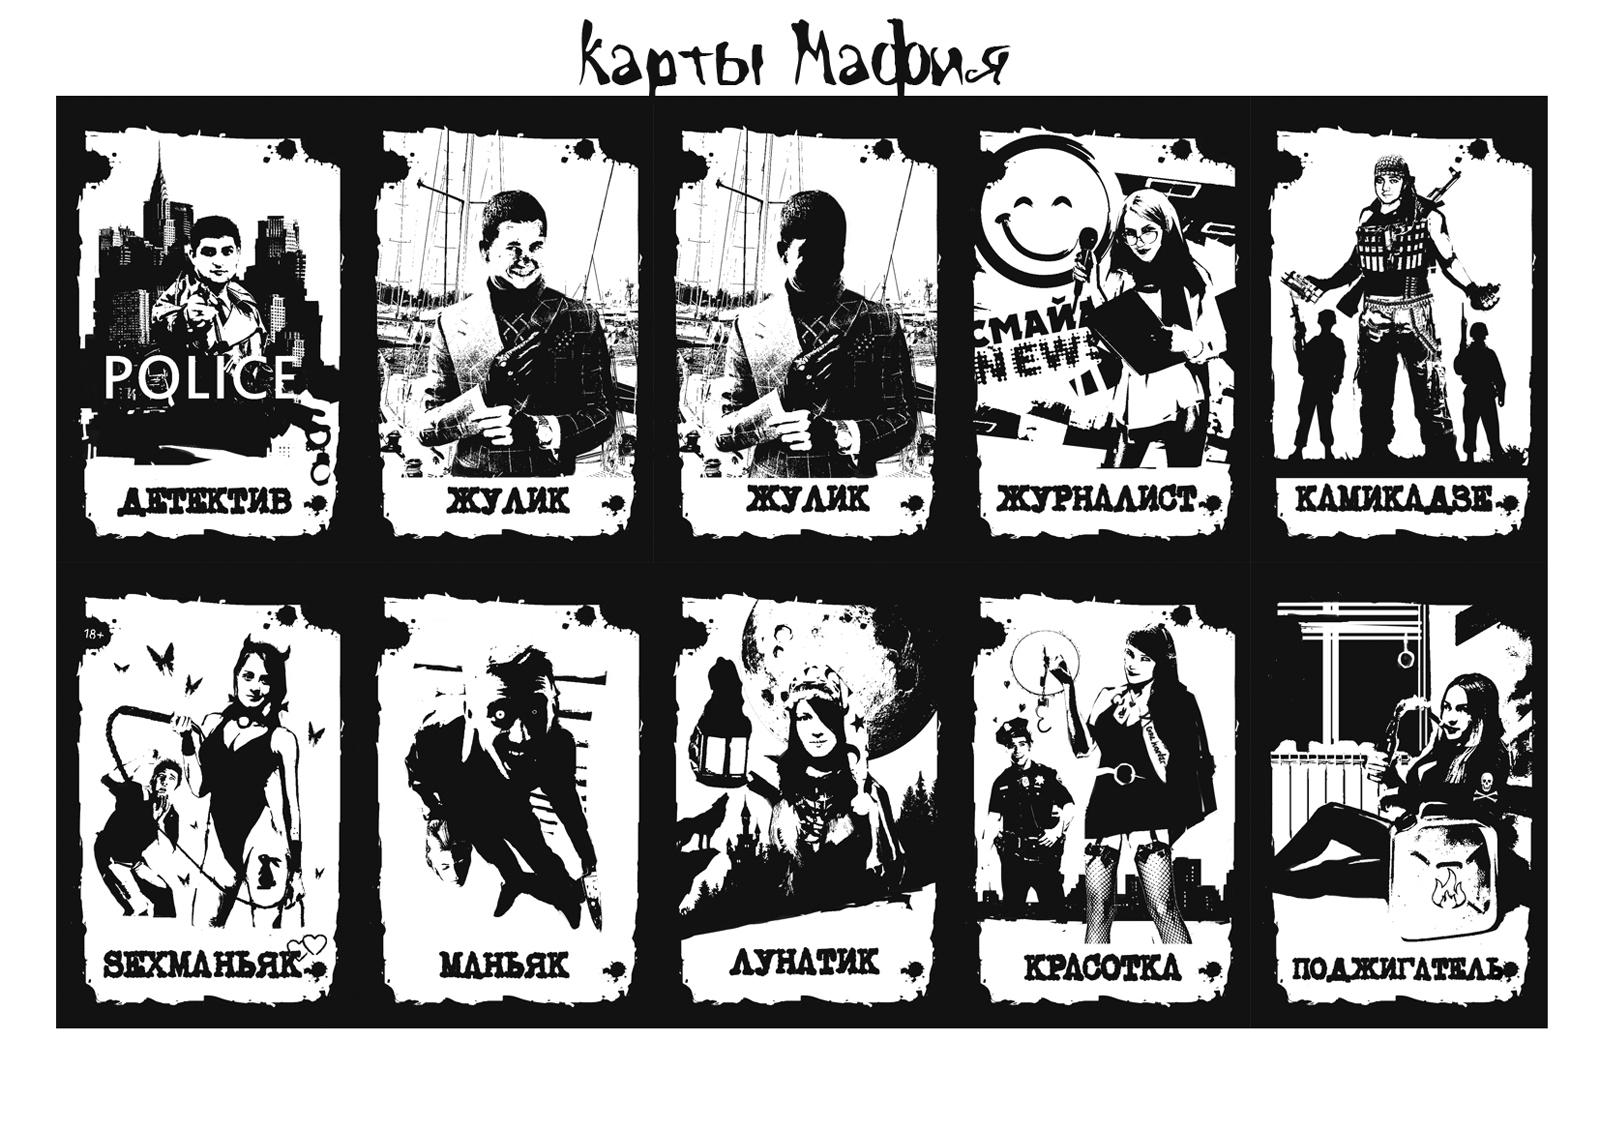 можете карты мафия картинки распечатать был южноамериканскими